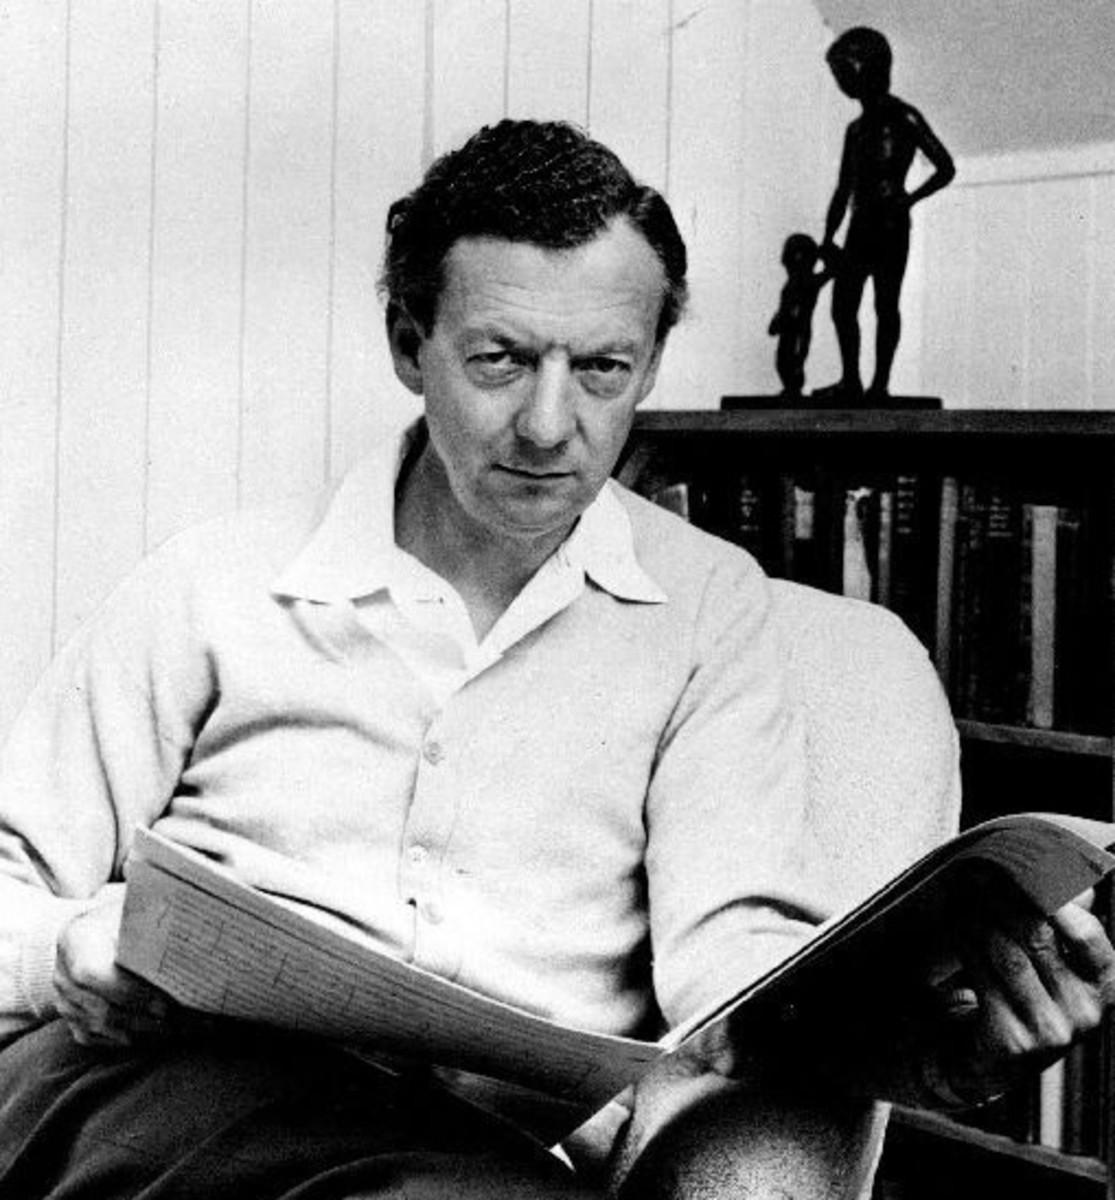 Photgraph of Britten taken in 1968.